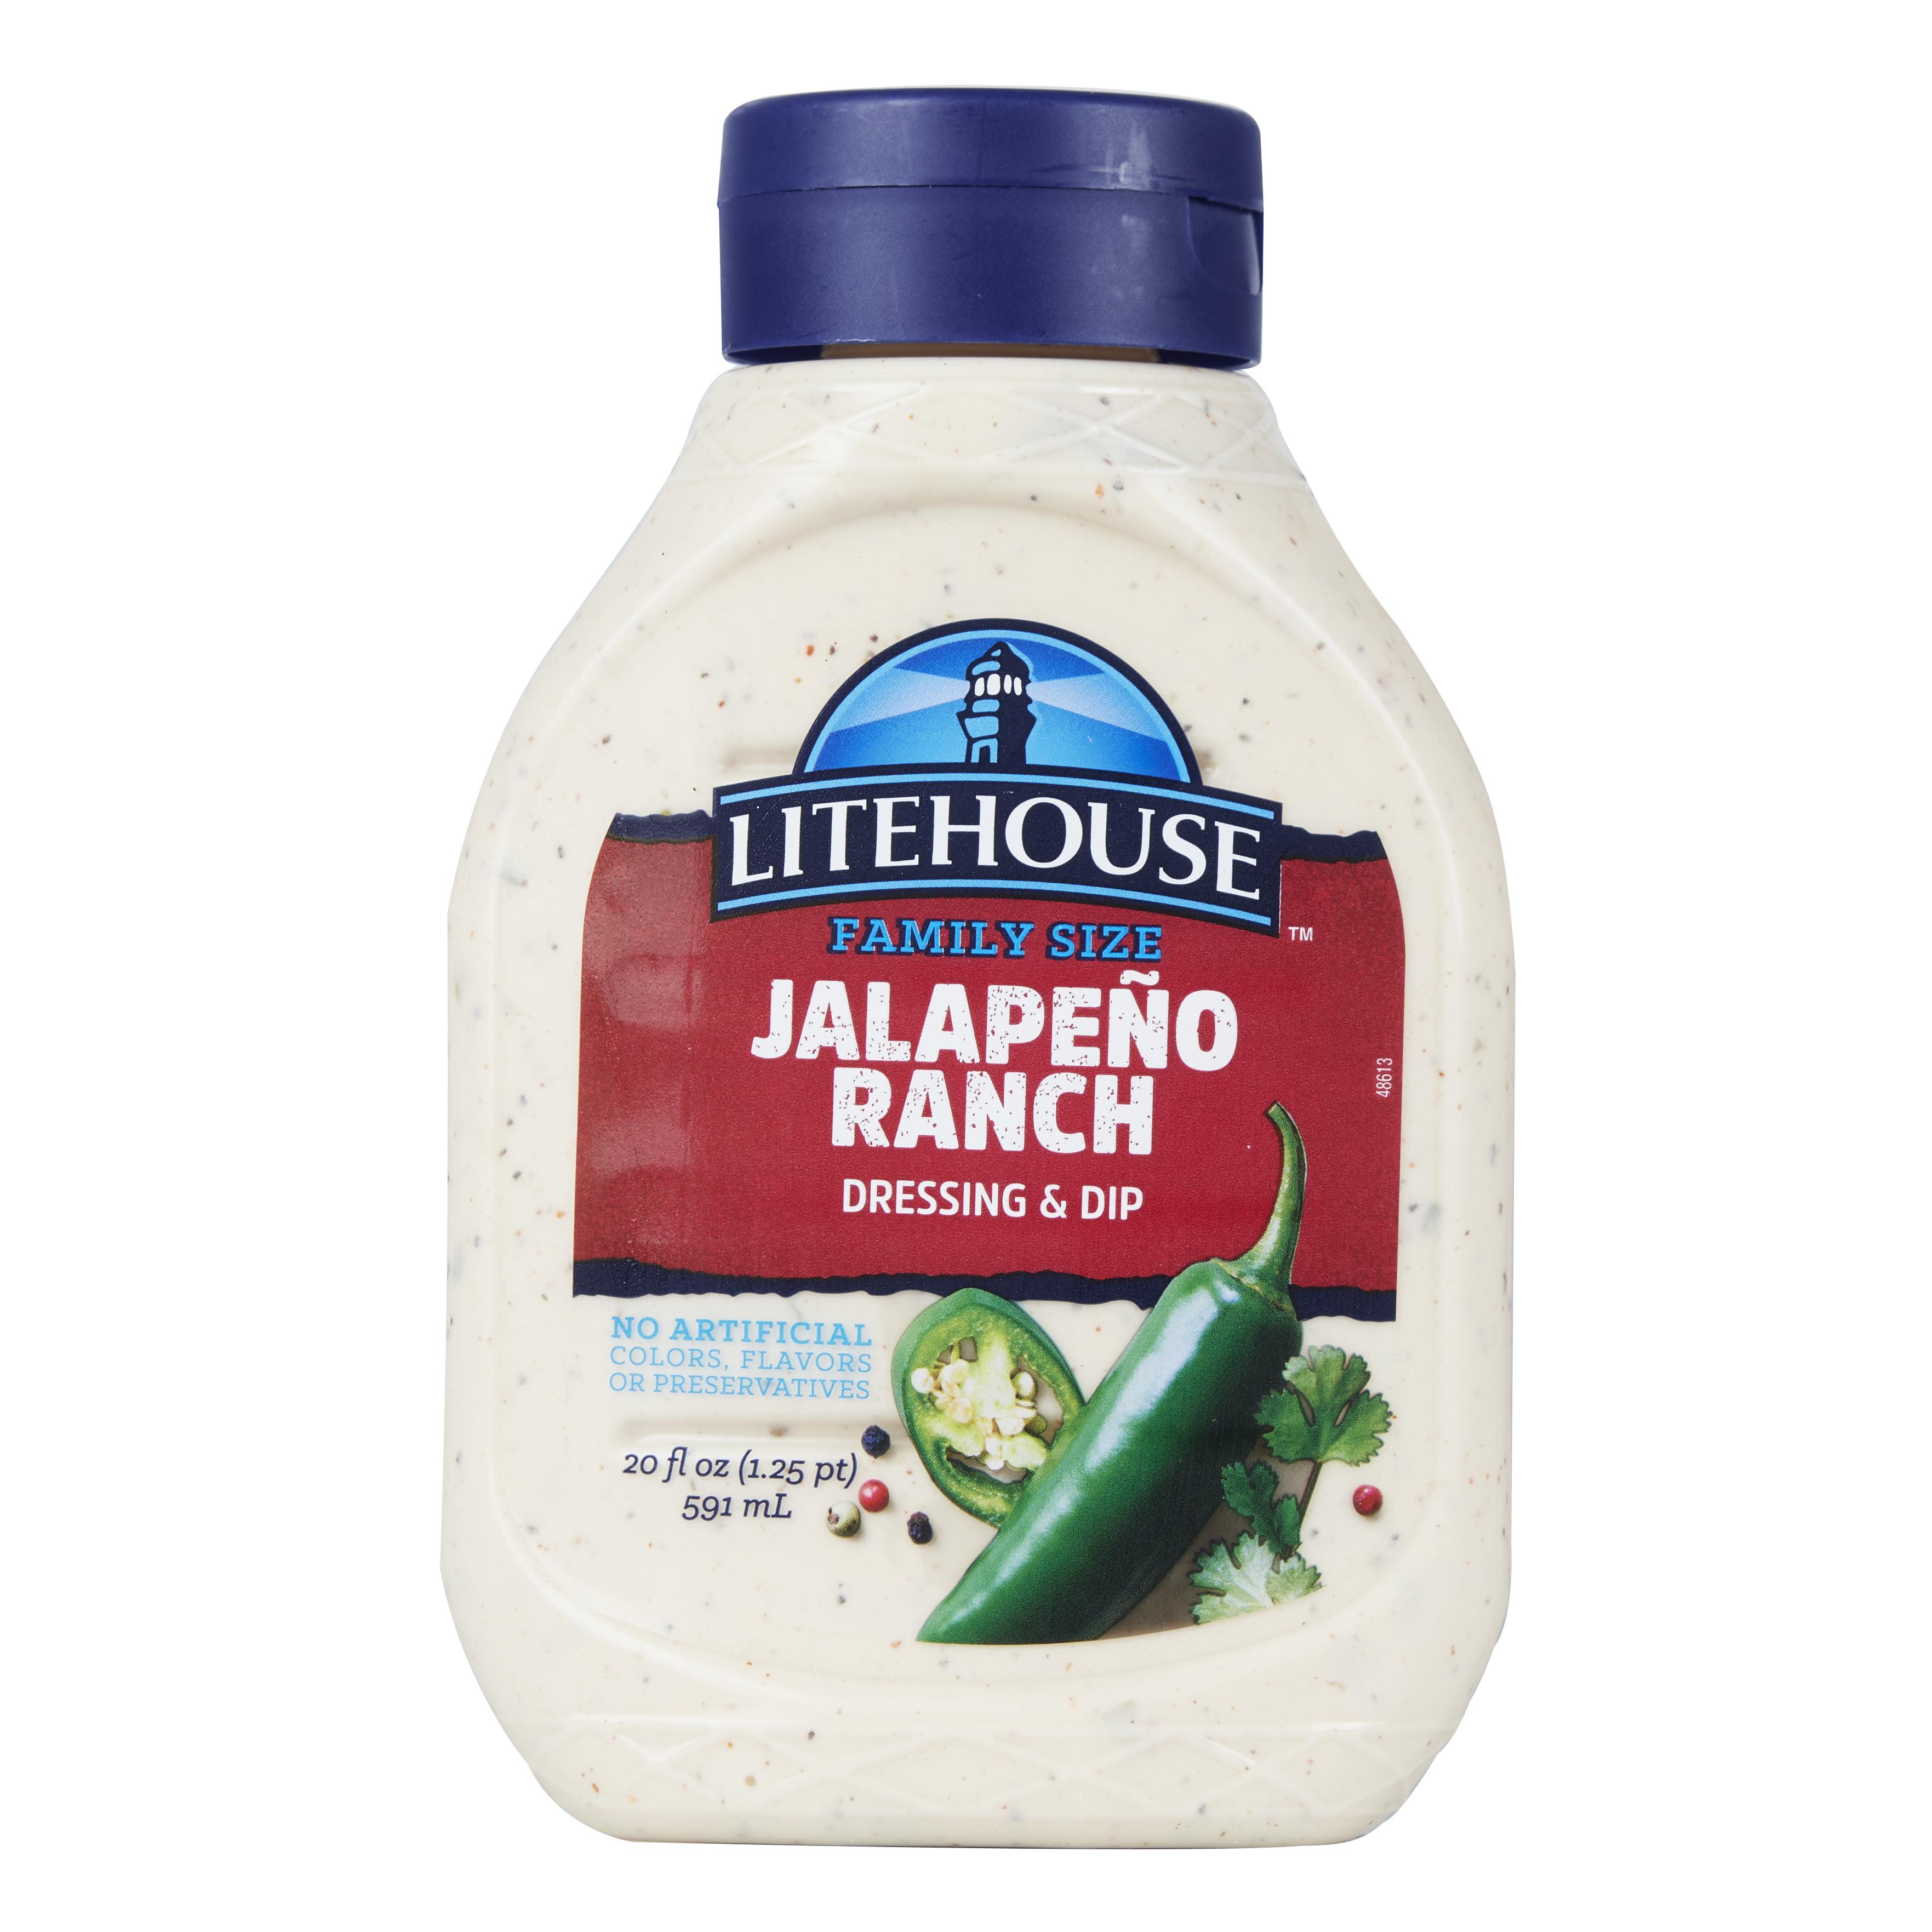 Litehouse Mild Jalapeno Ranch Dressing & Dip, 20 oz Squeeze Bottle